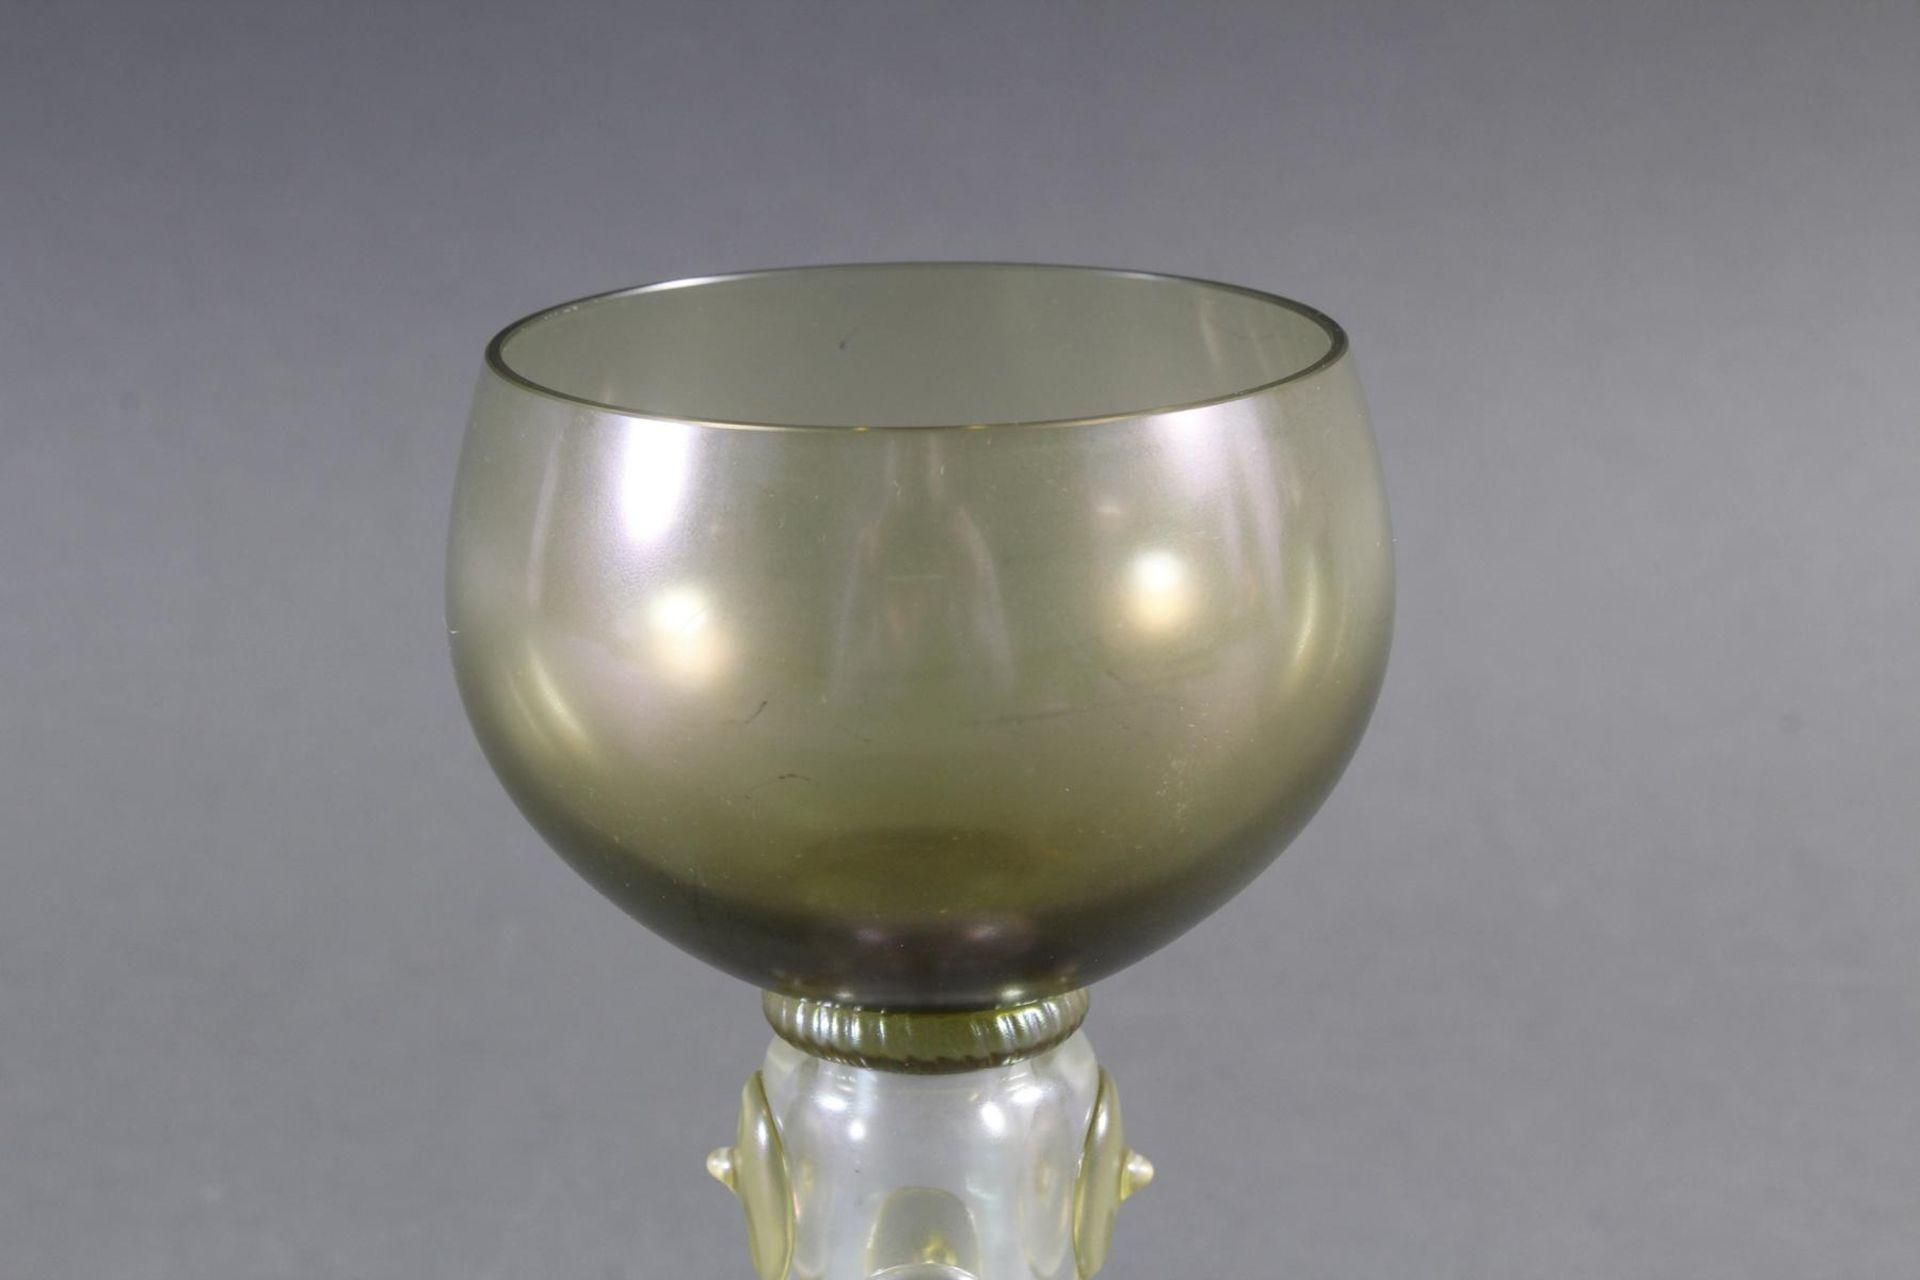 Glaspokal, wohl Böhmen um 1920 - Bild 3 aus 6